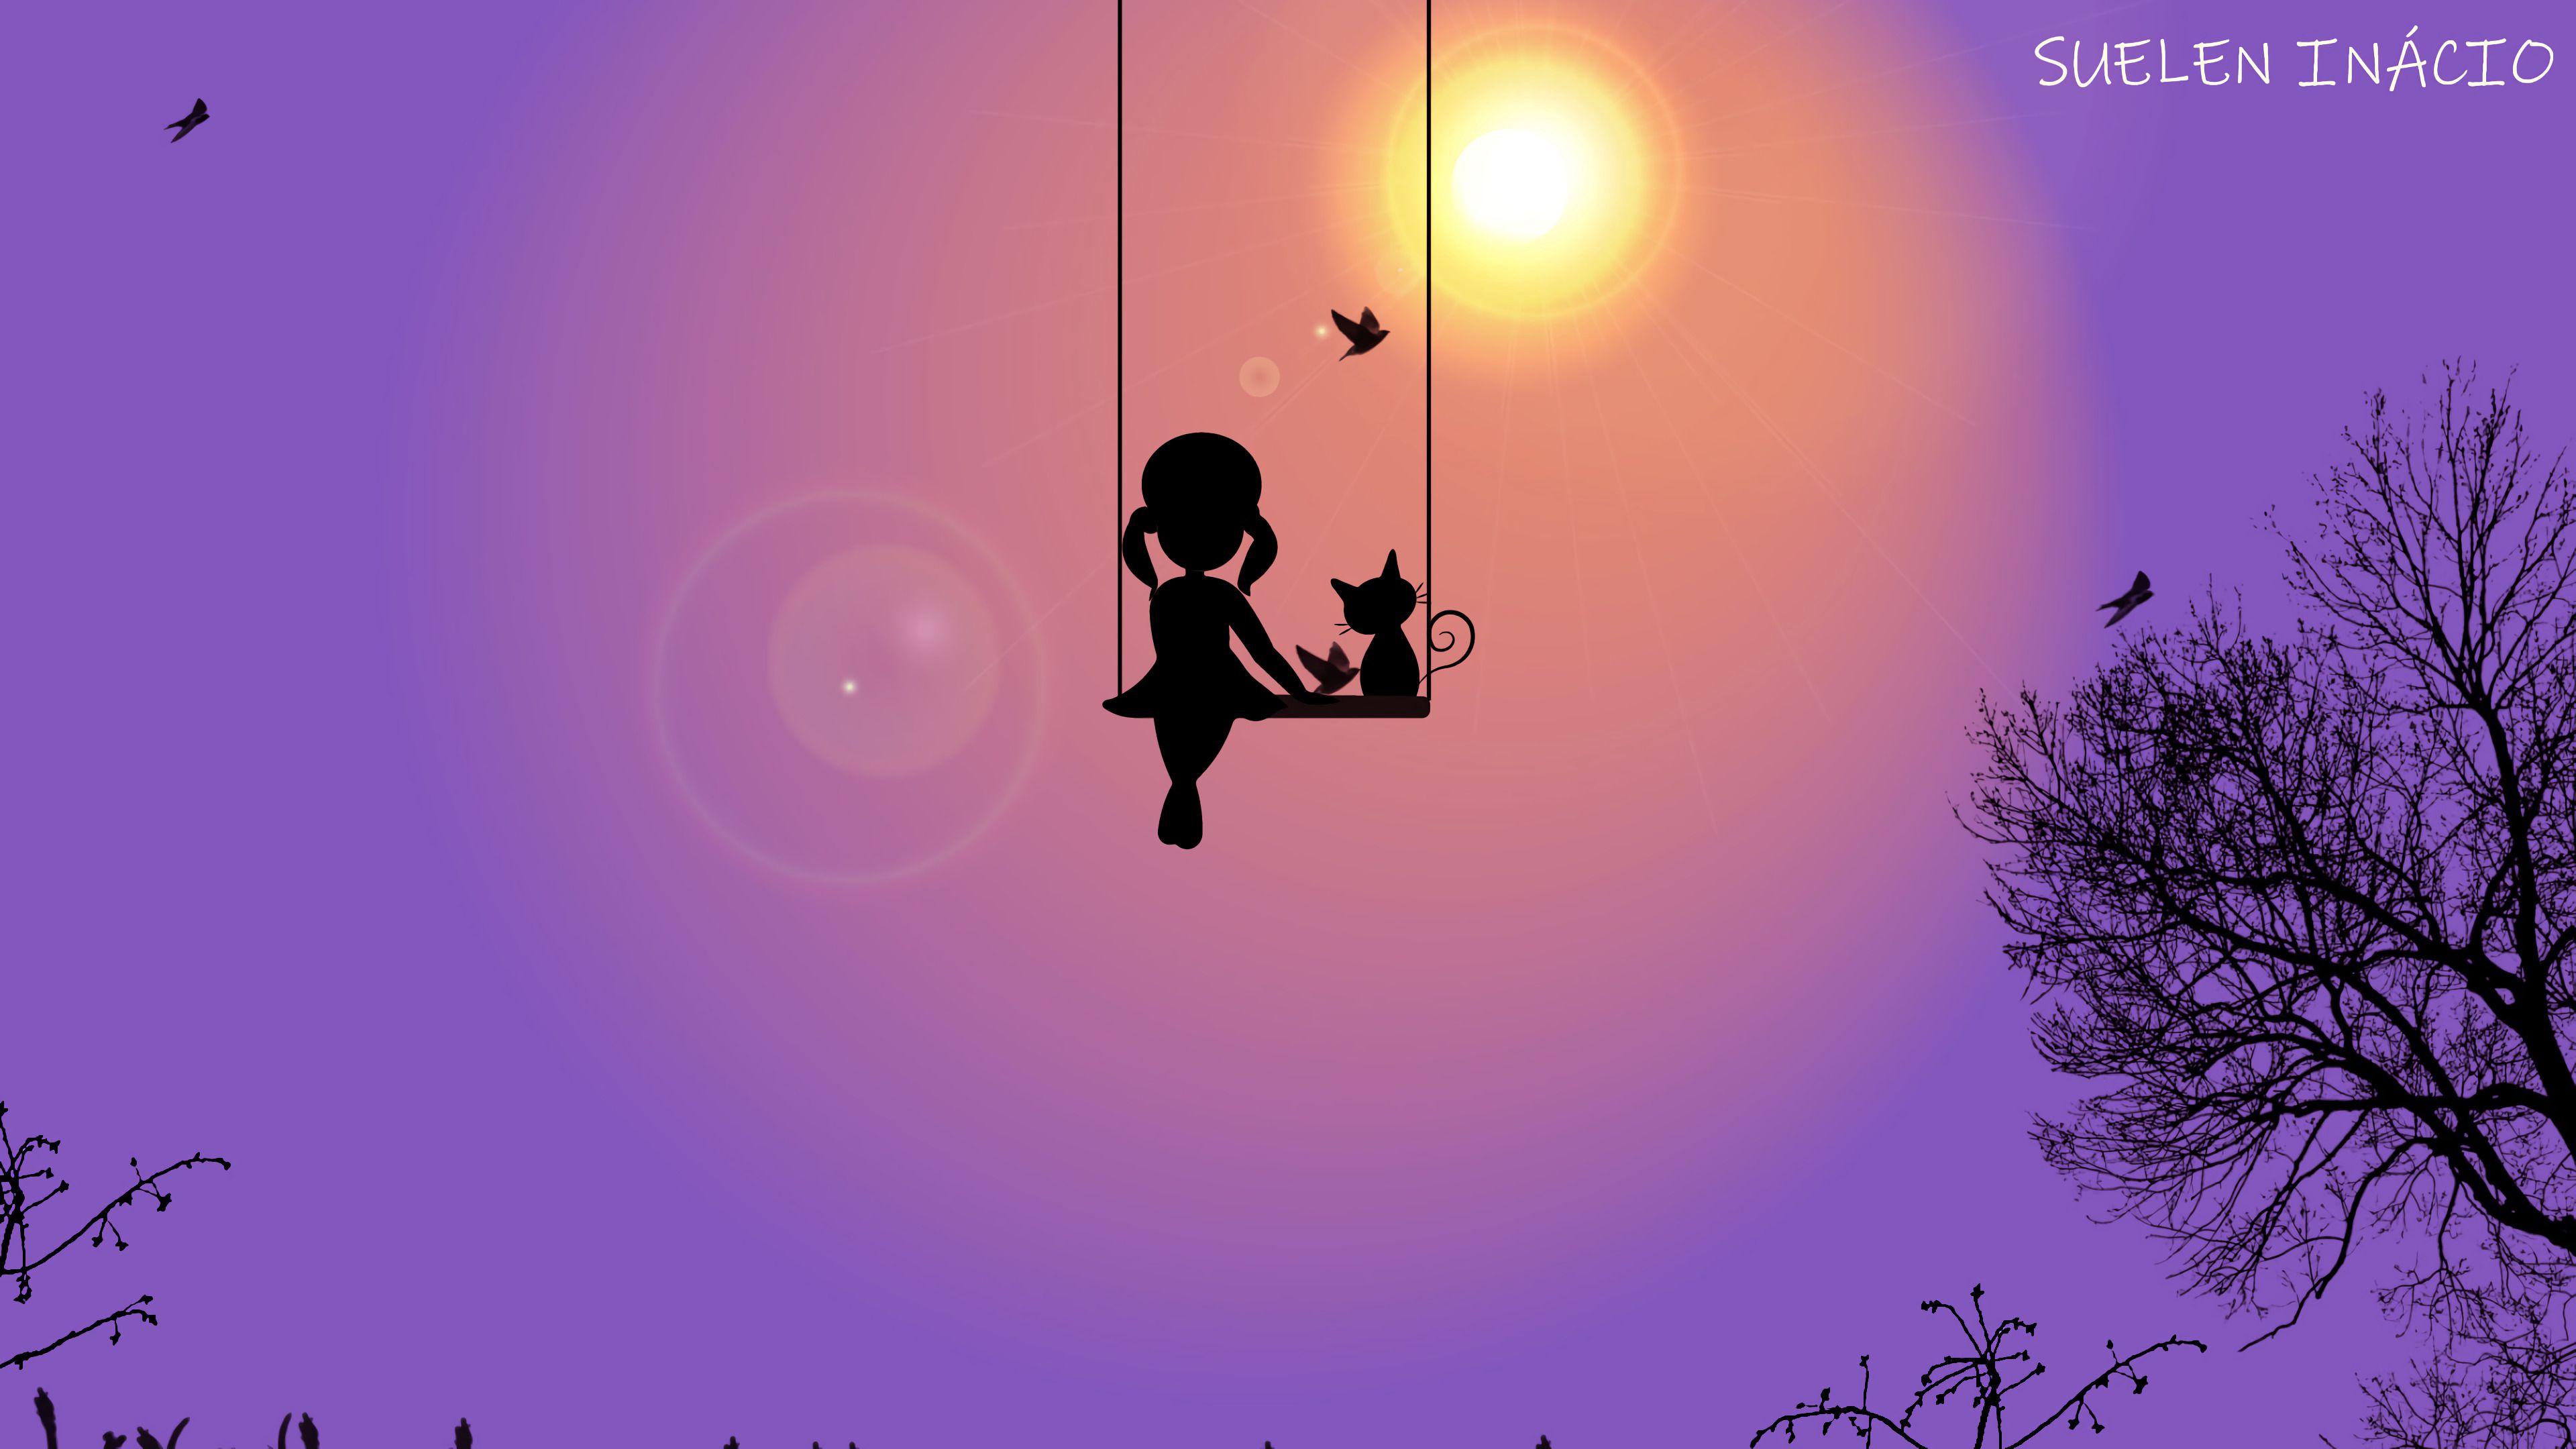 94977 скачать обои Девочка, Качели, Кот, Силуэт, Арт, Солнце, Птицы - заставки и картинки бесплатно